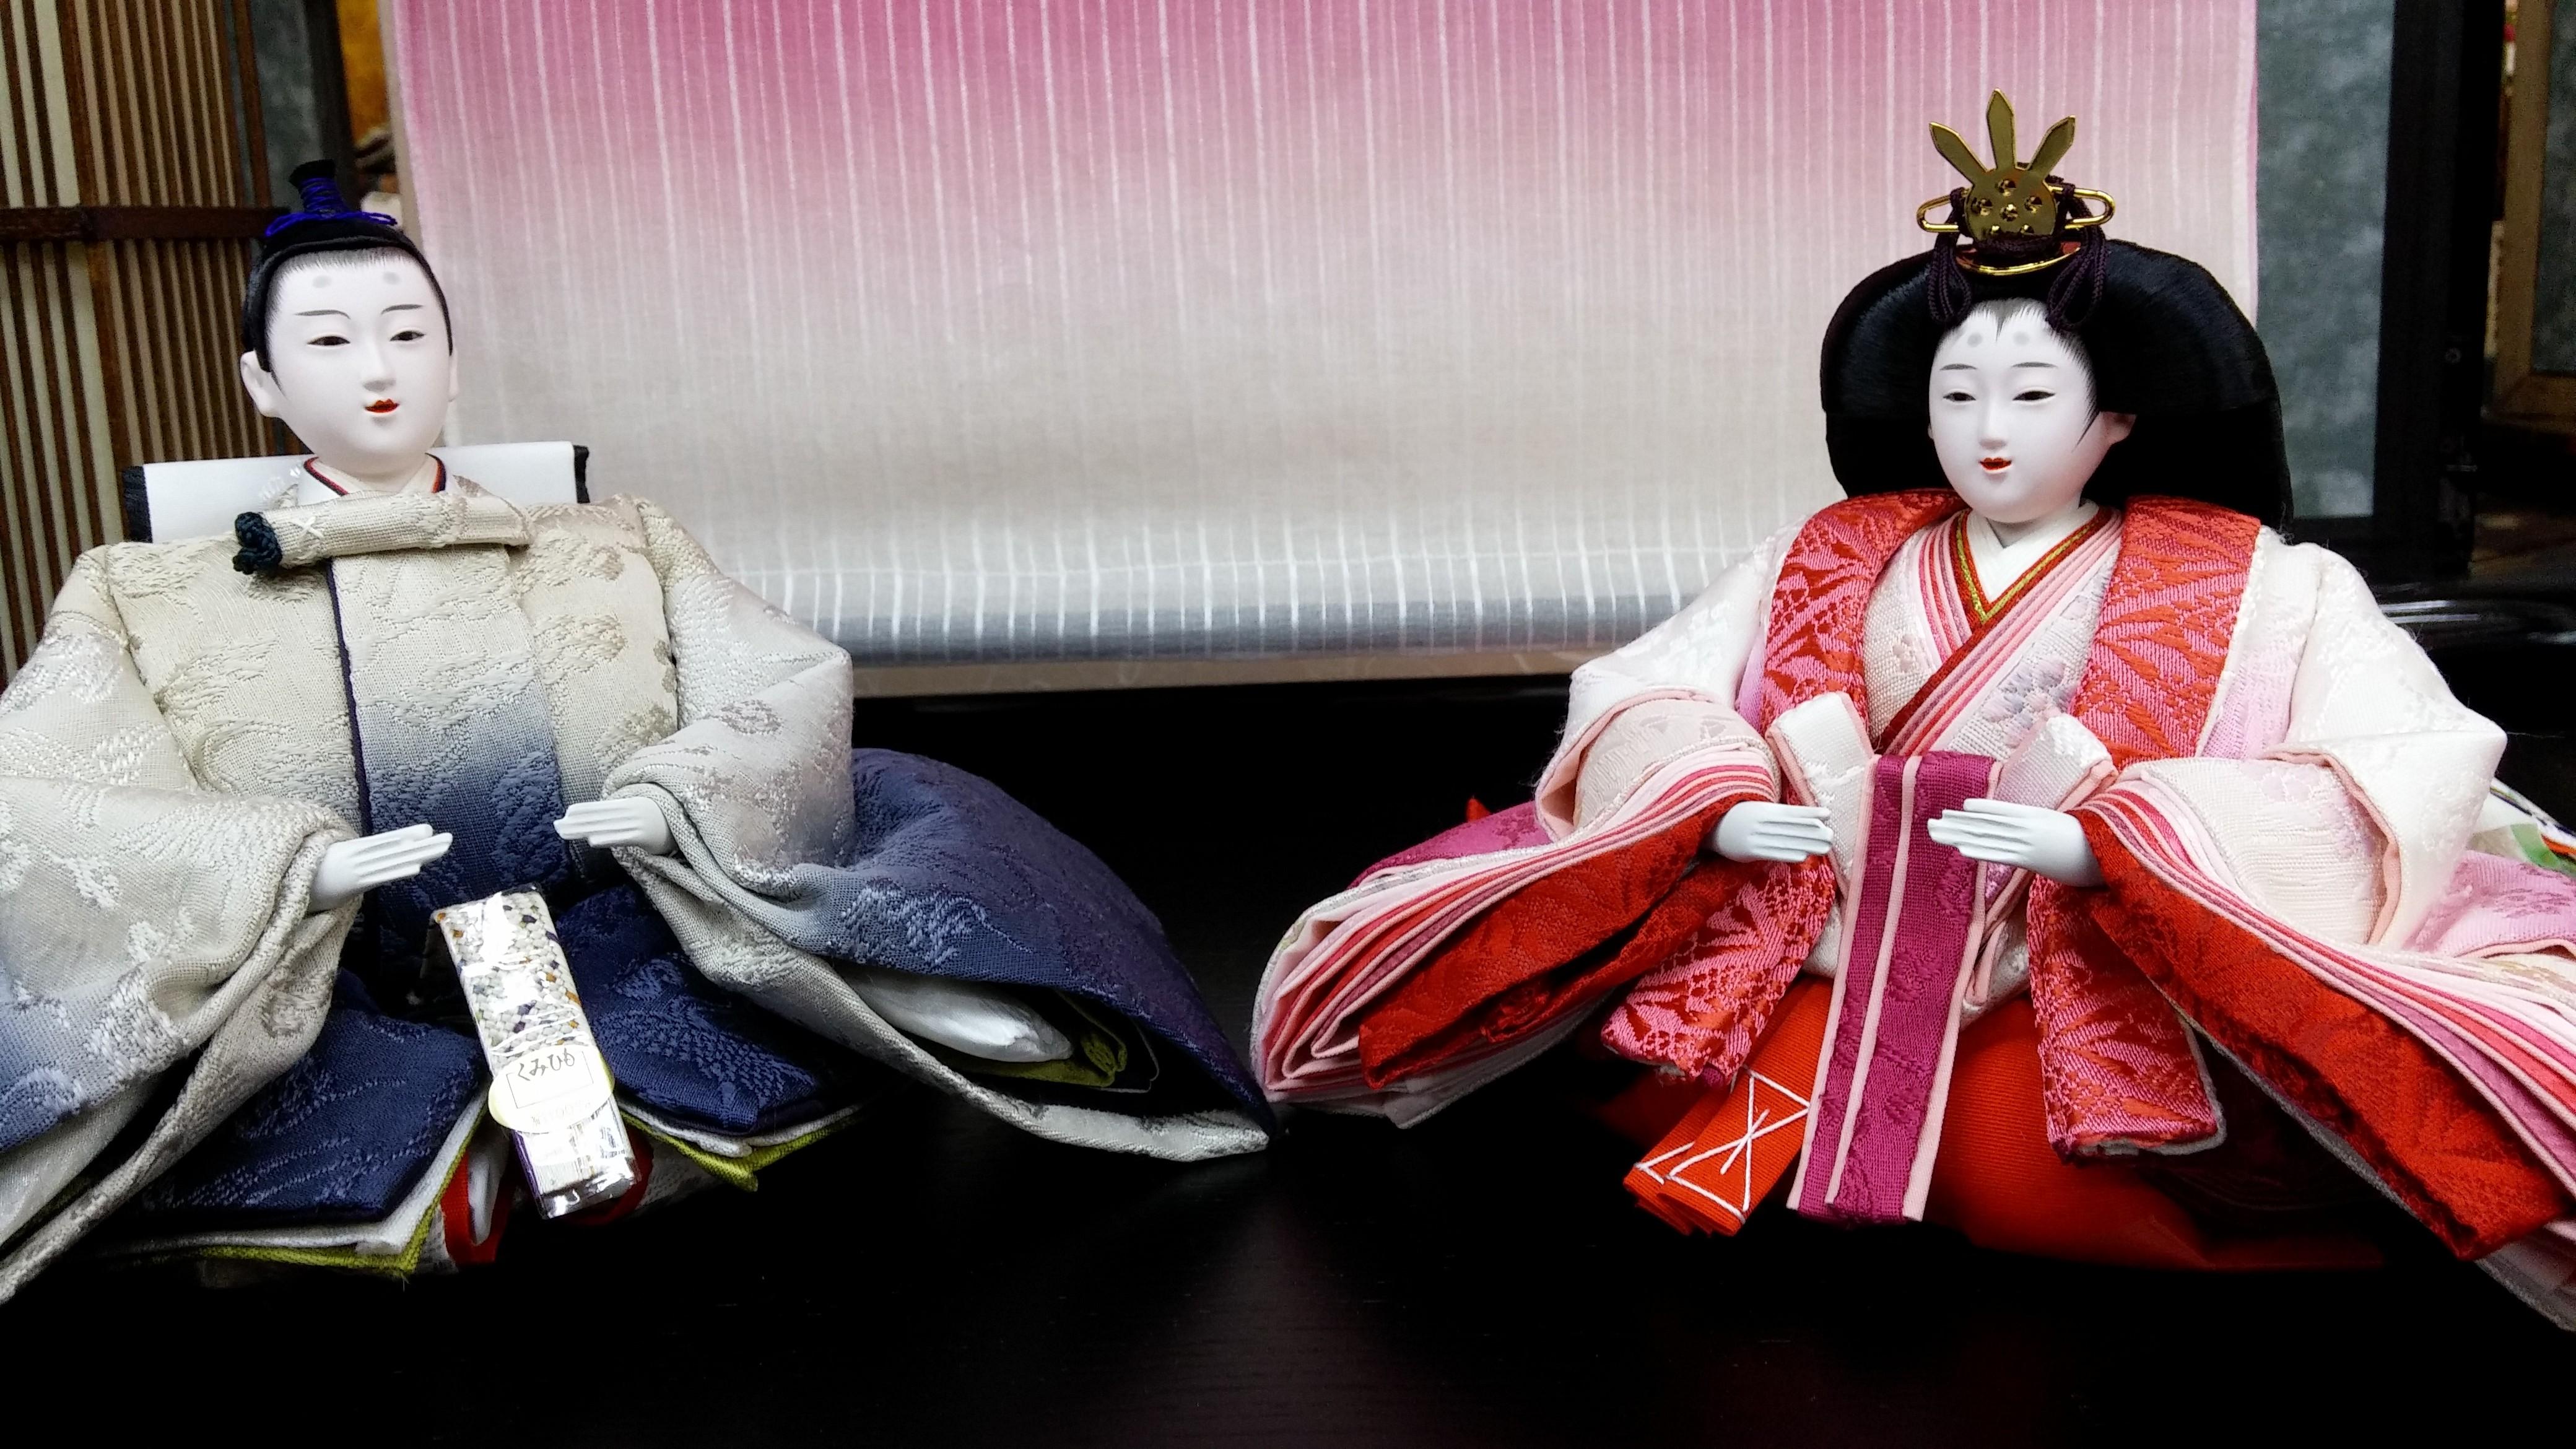 工藤華織 さん 染色家の工藤さんは草木染めの着物や屏風に特徴があります。